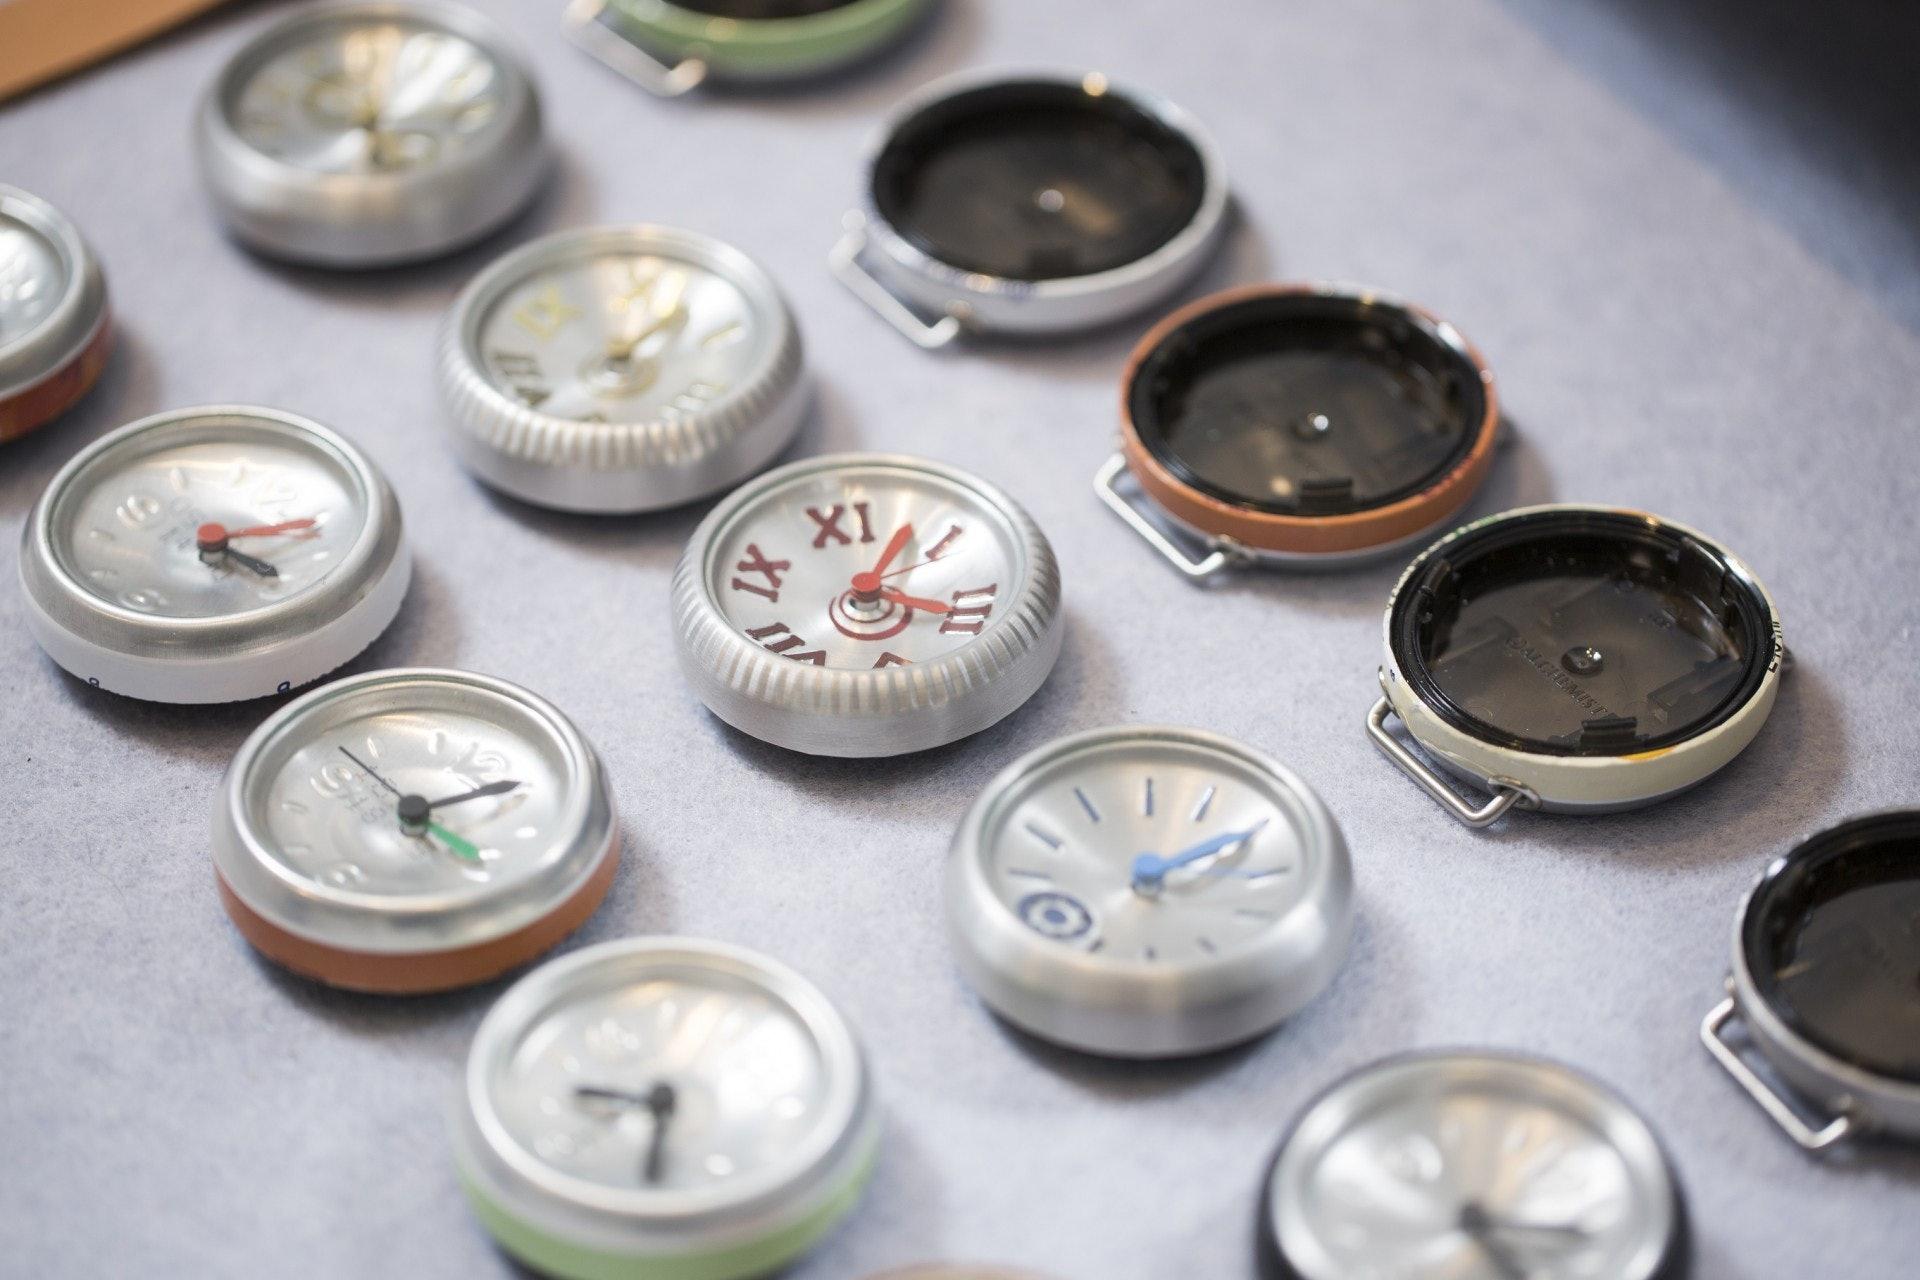 每個鋁罐的大小都有數毫米的誤差,Kat要邊做邊調整其他組件,可以說每隻都是獨一無二的。(黃寶瑩攝)